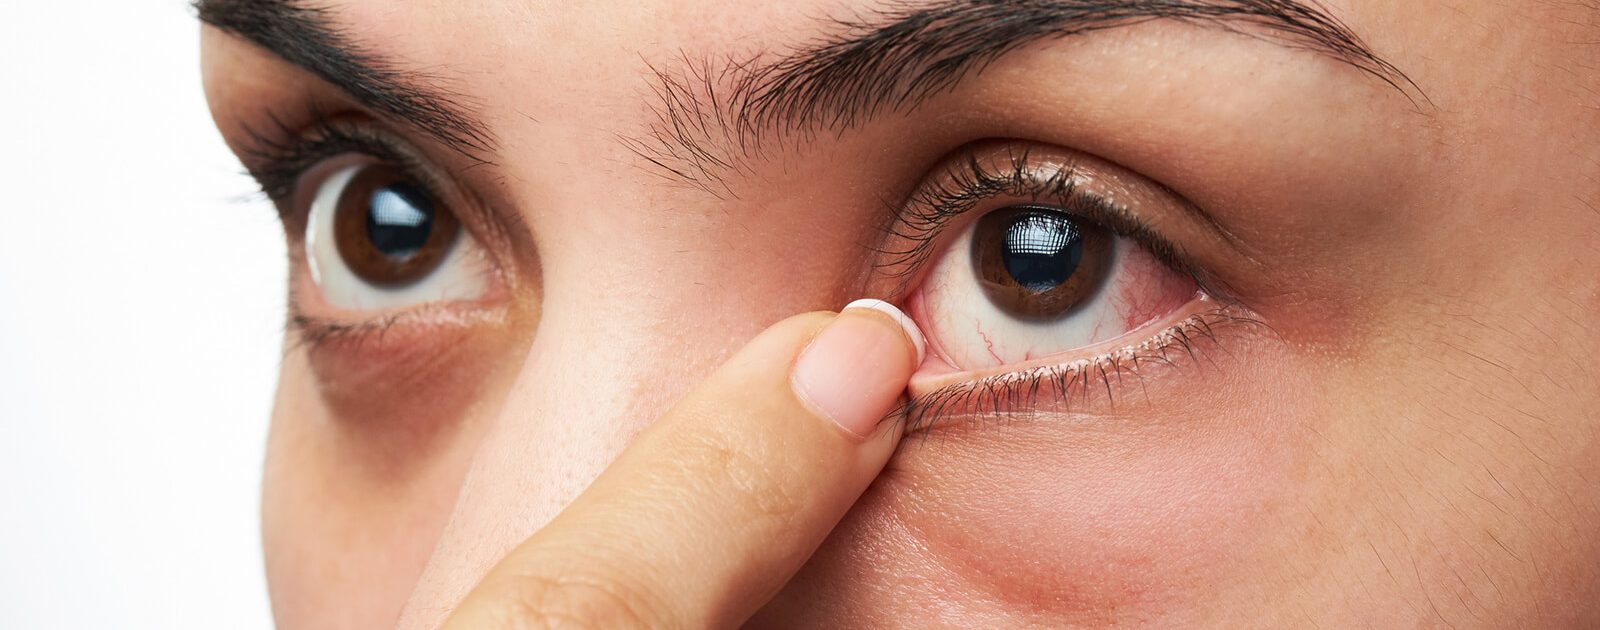 Sjögren-Syndrom: Frau mit geröteten Augen